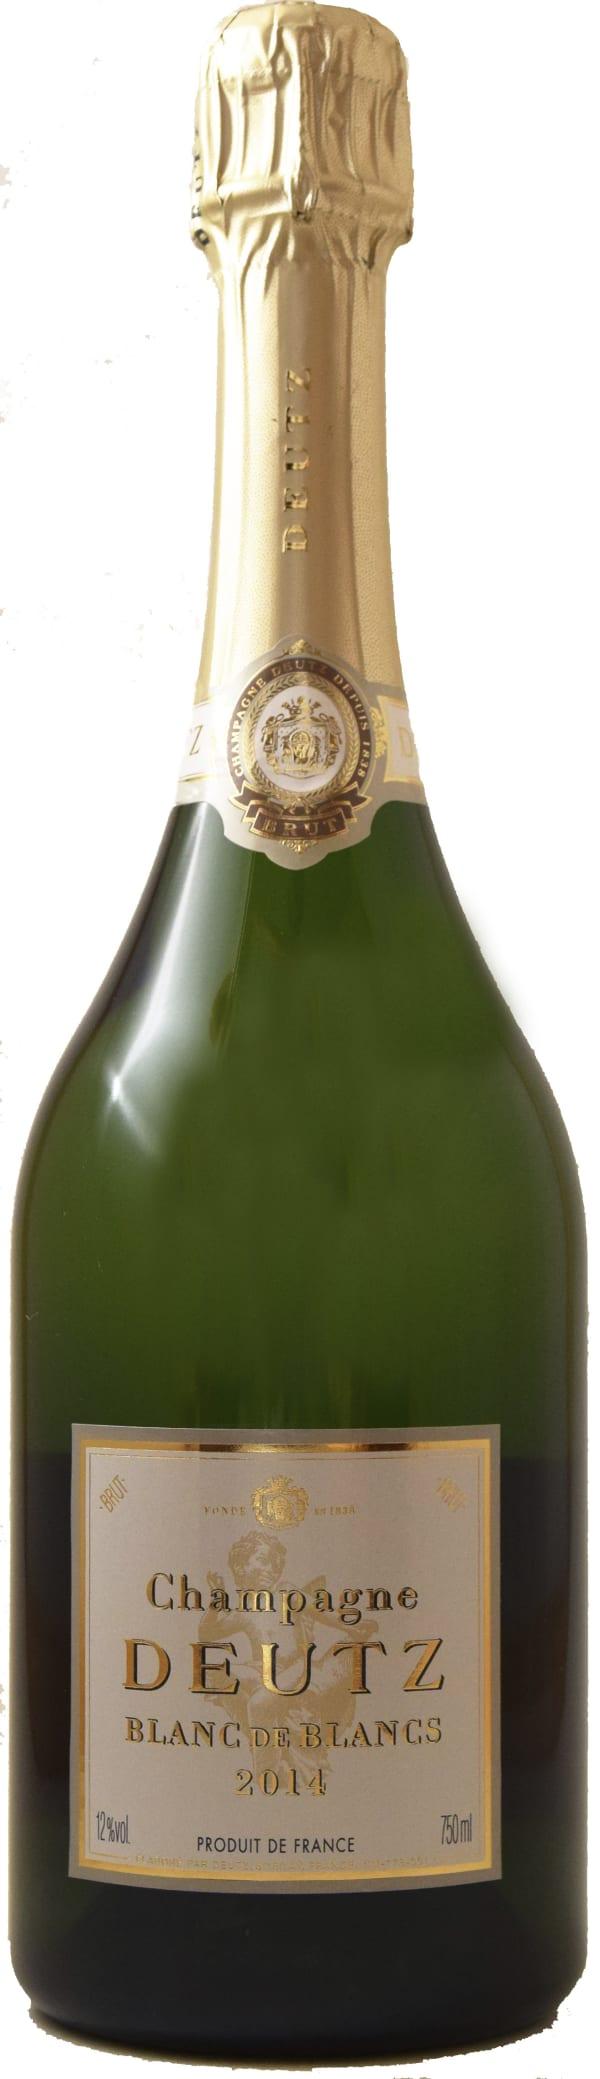 Deutz Blanc de Blancs Champagne Brut 2014